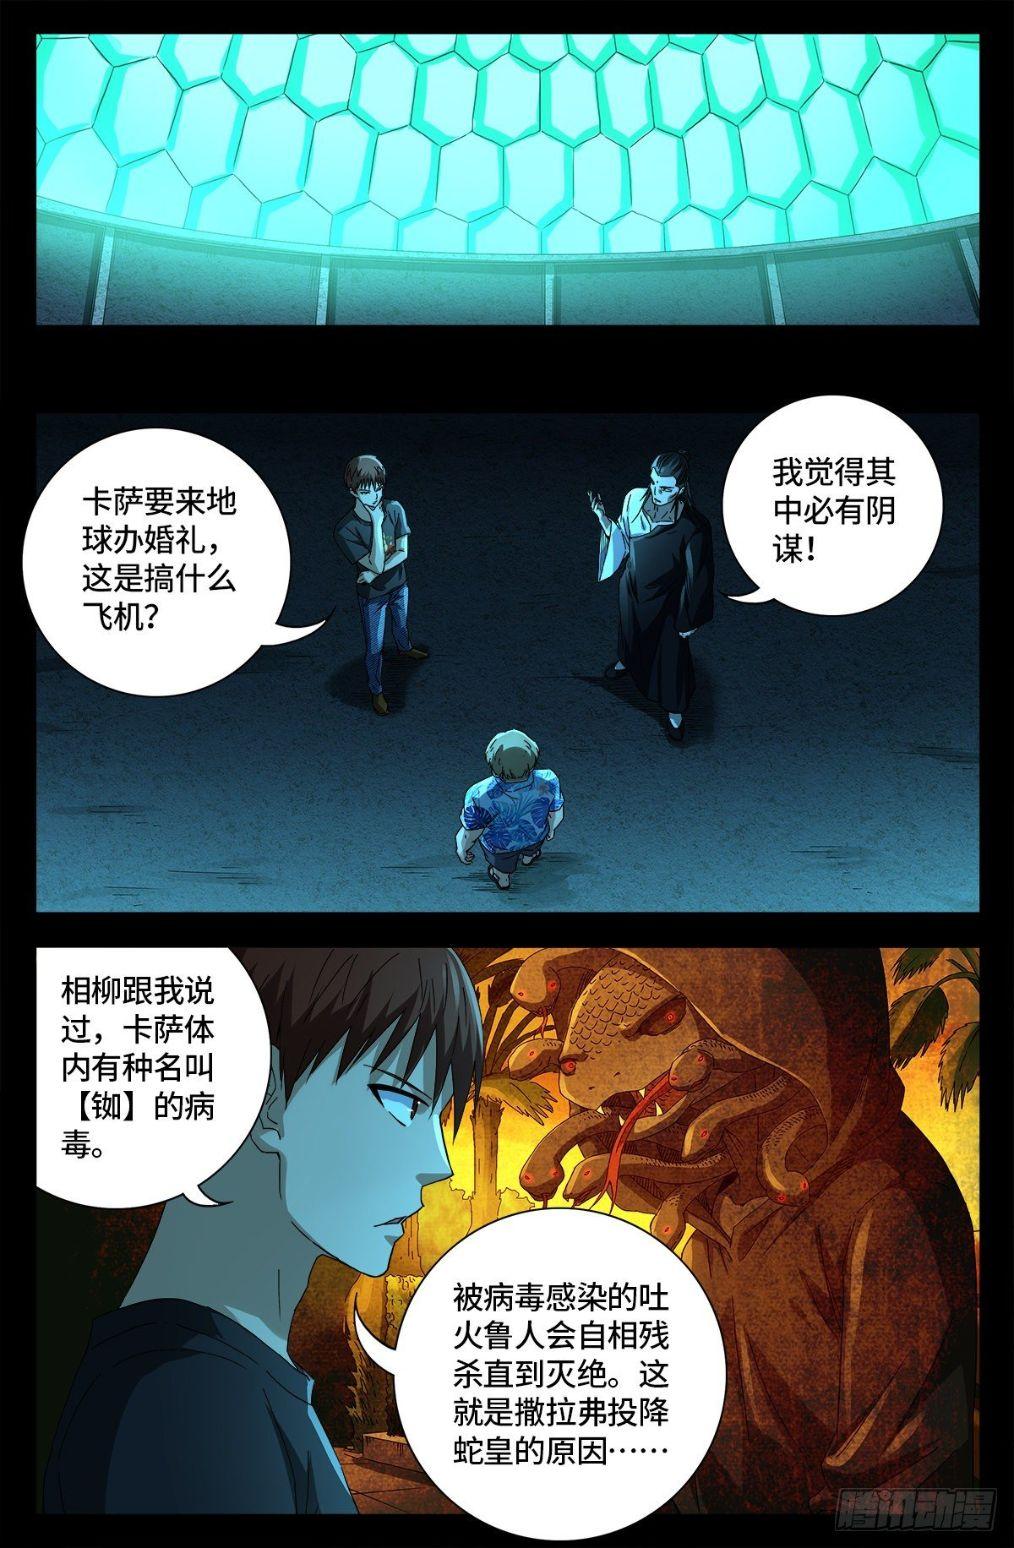 僵尸王漫画:戒魔人 第666话 一定会去的地方